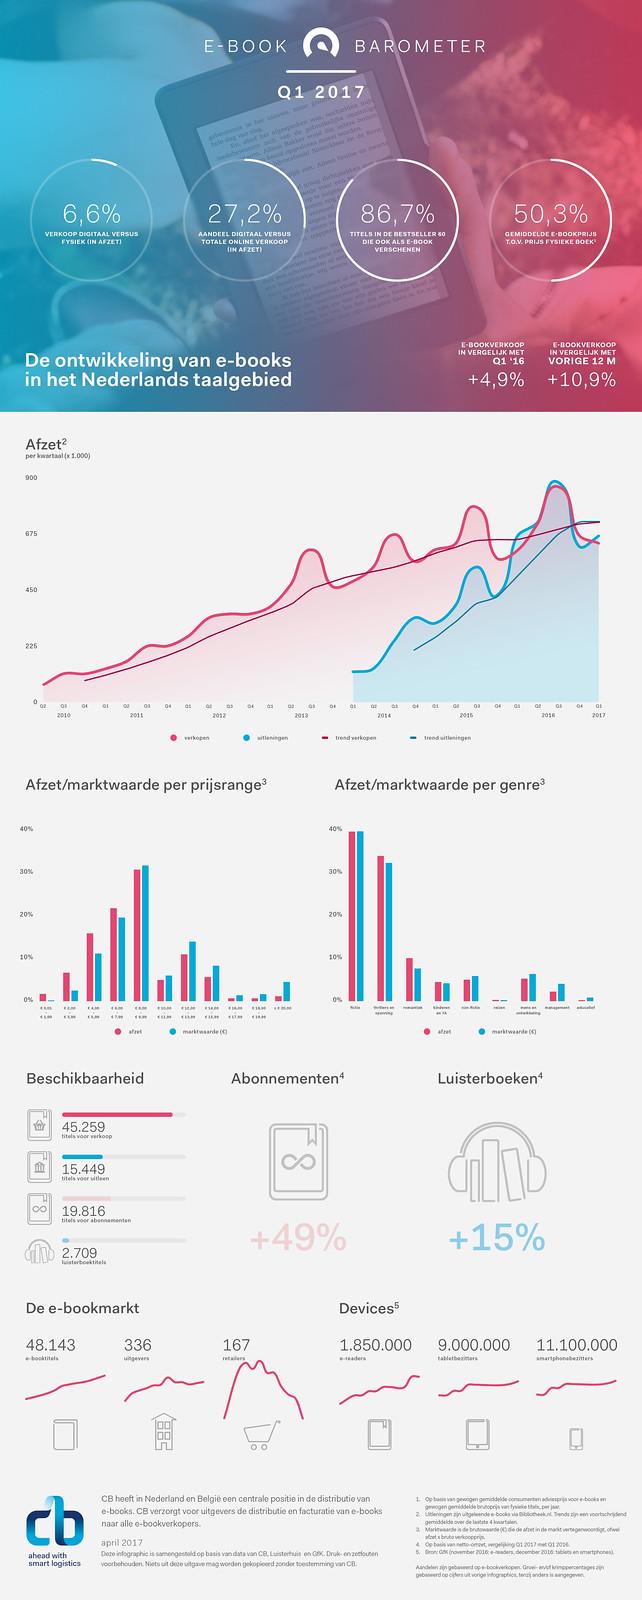 E-bookbarometer-2017-Q1-NL